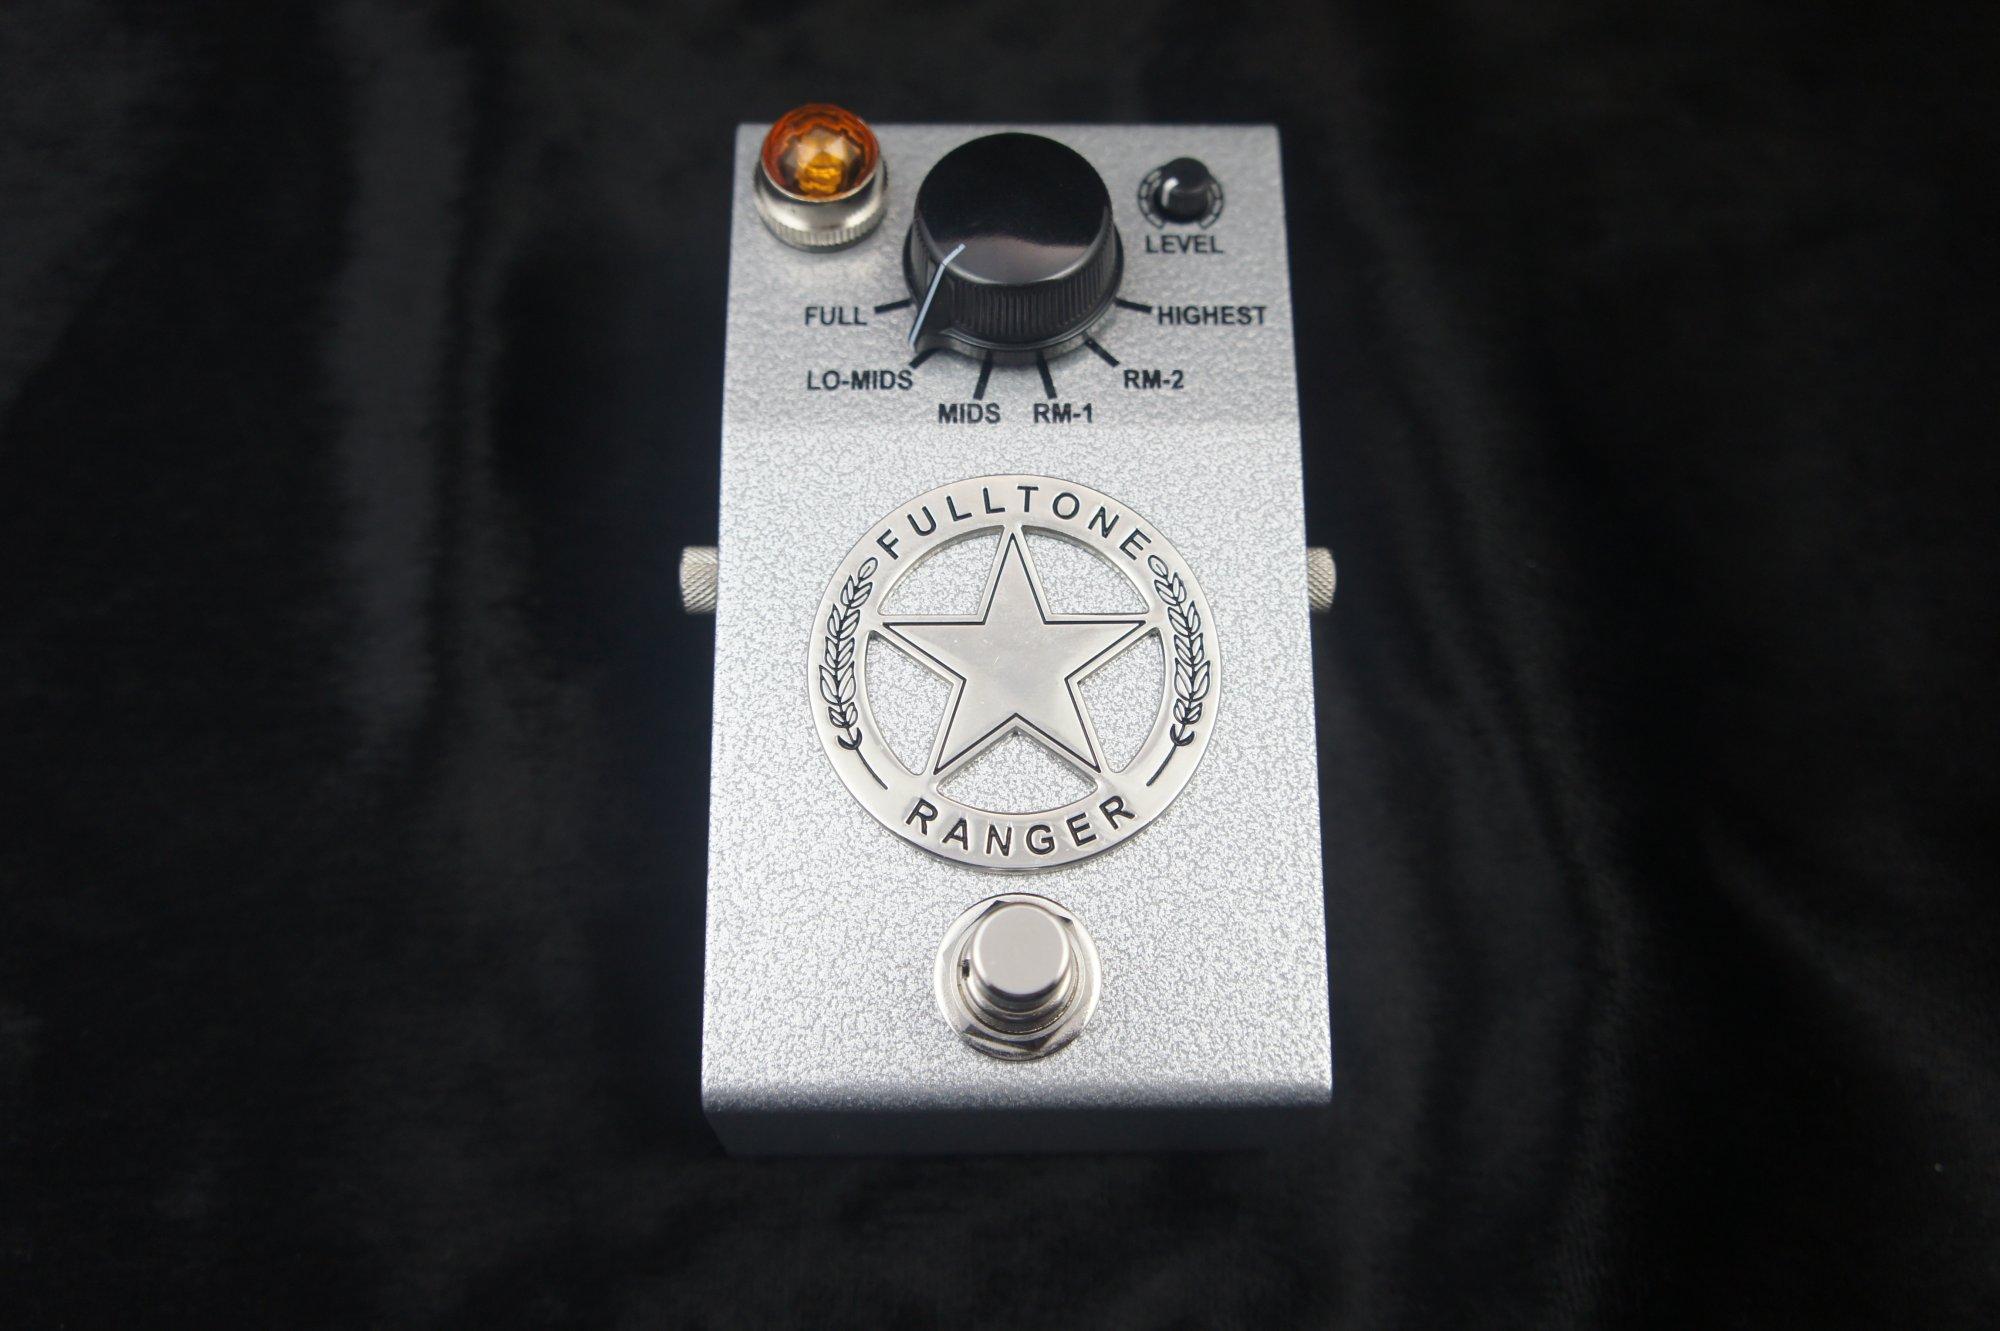 Fulltone Ranger (used)